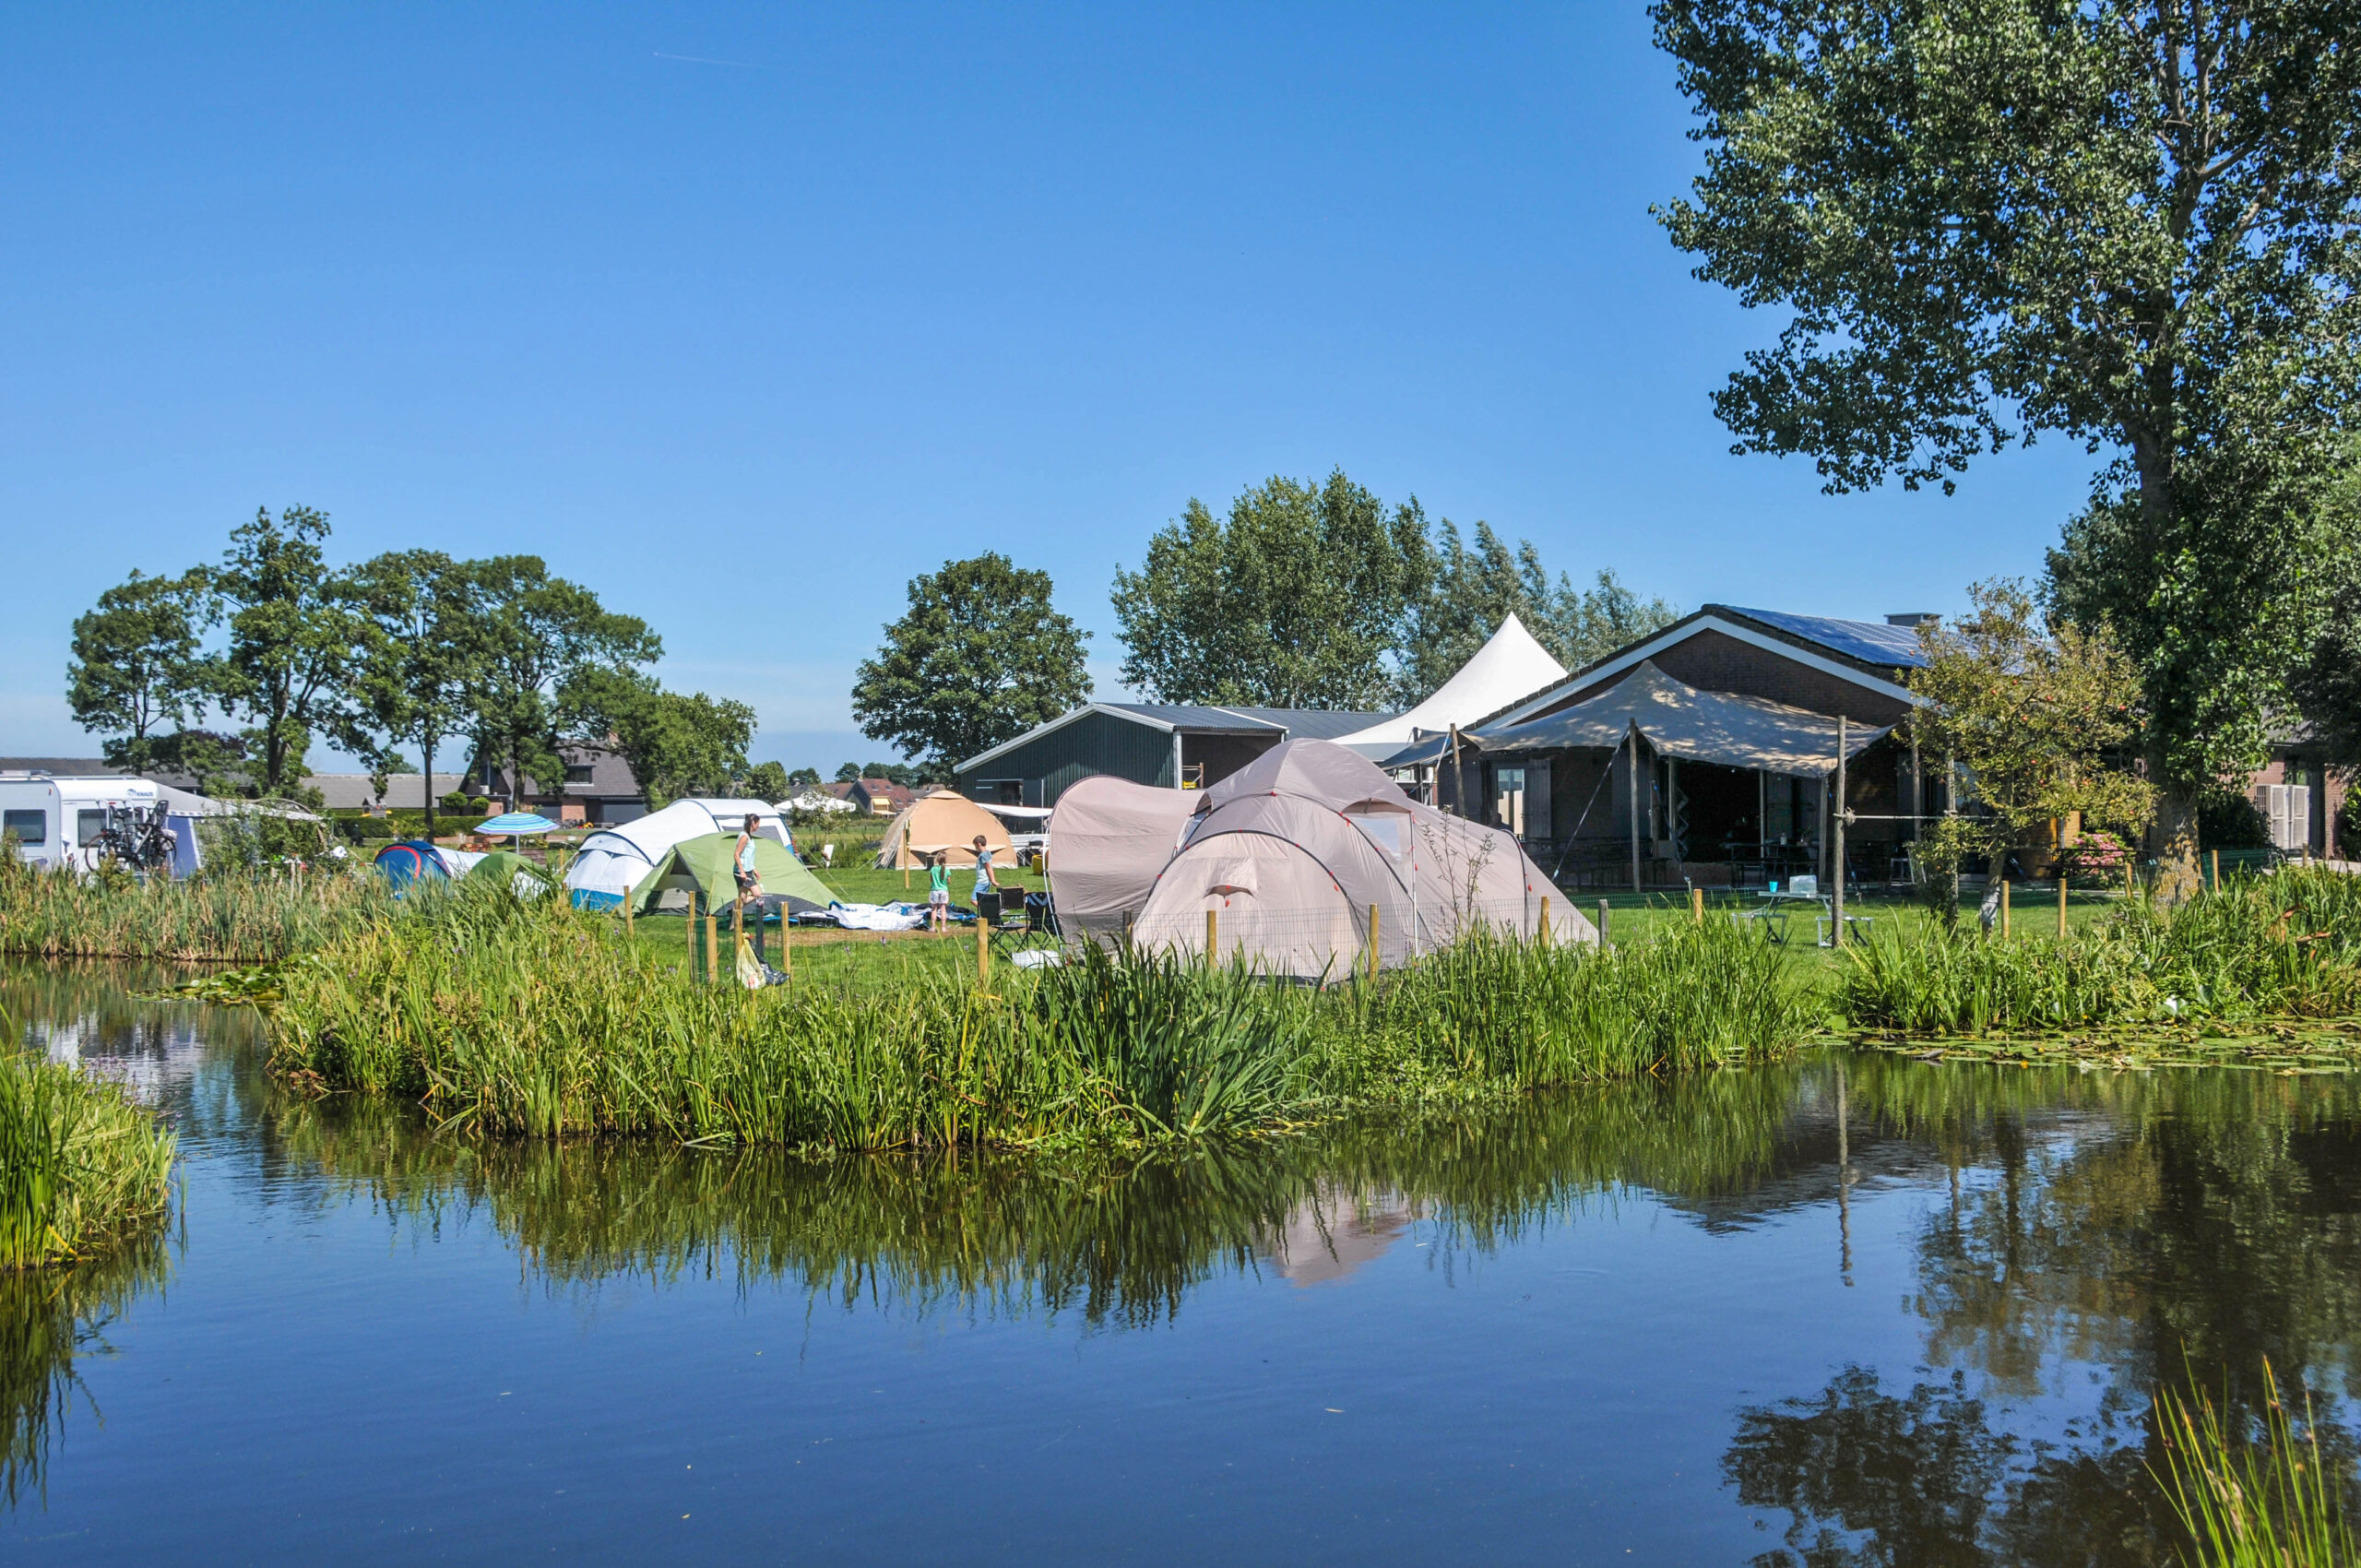 Tarieven | Camping de Boerinn